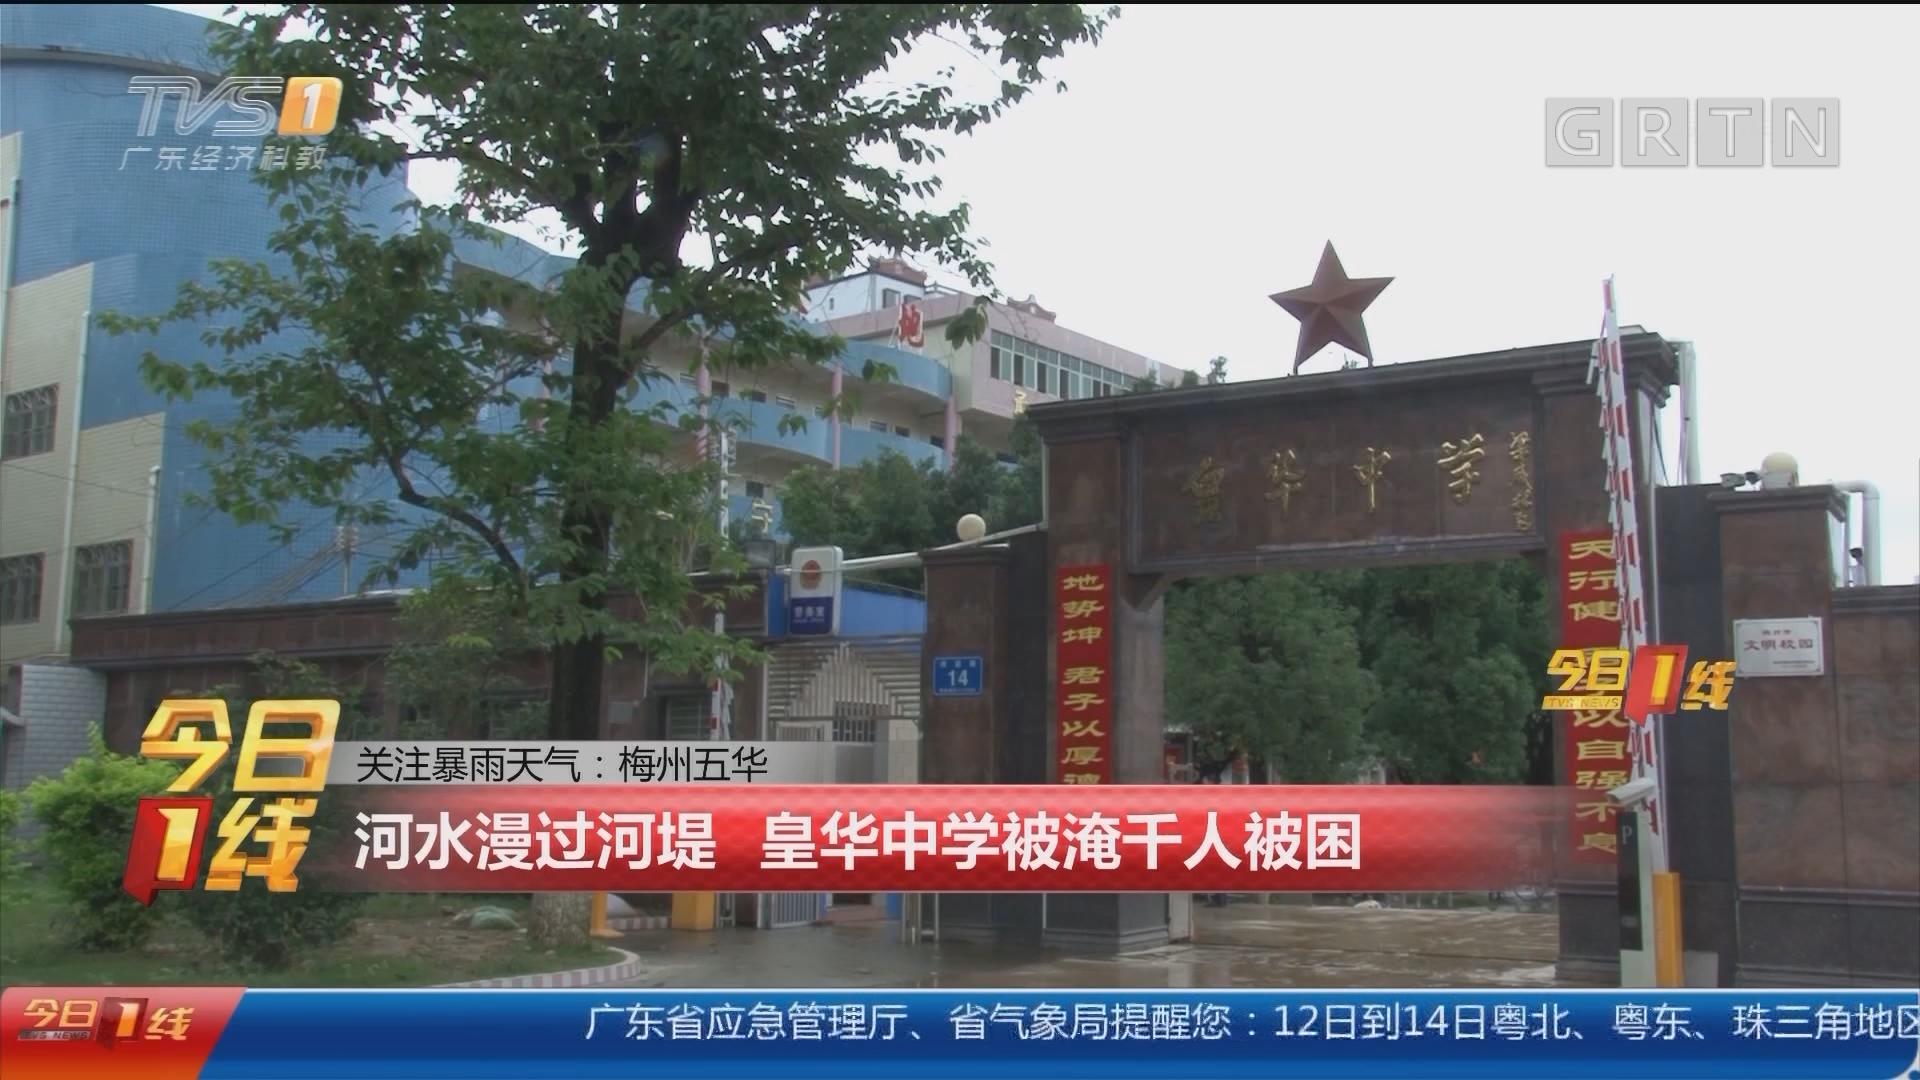 关注暴雨天气:梅州五华 河水漫过河堤 皇华中学被淹千人被困